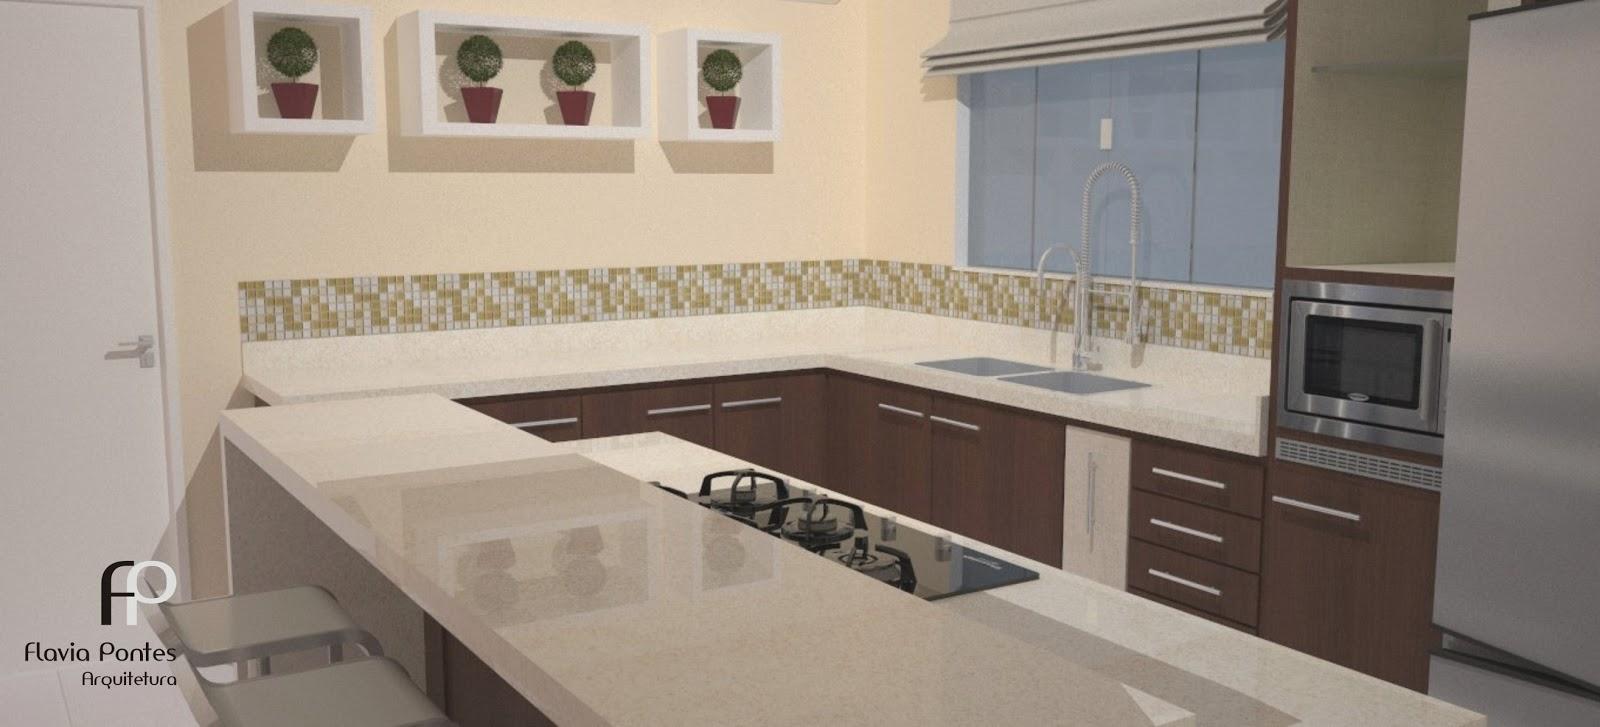 Cozinha Toda Branca Com Ilha Beyato Com V Rios Desenhos Sobre